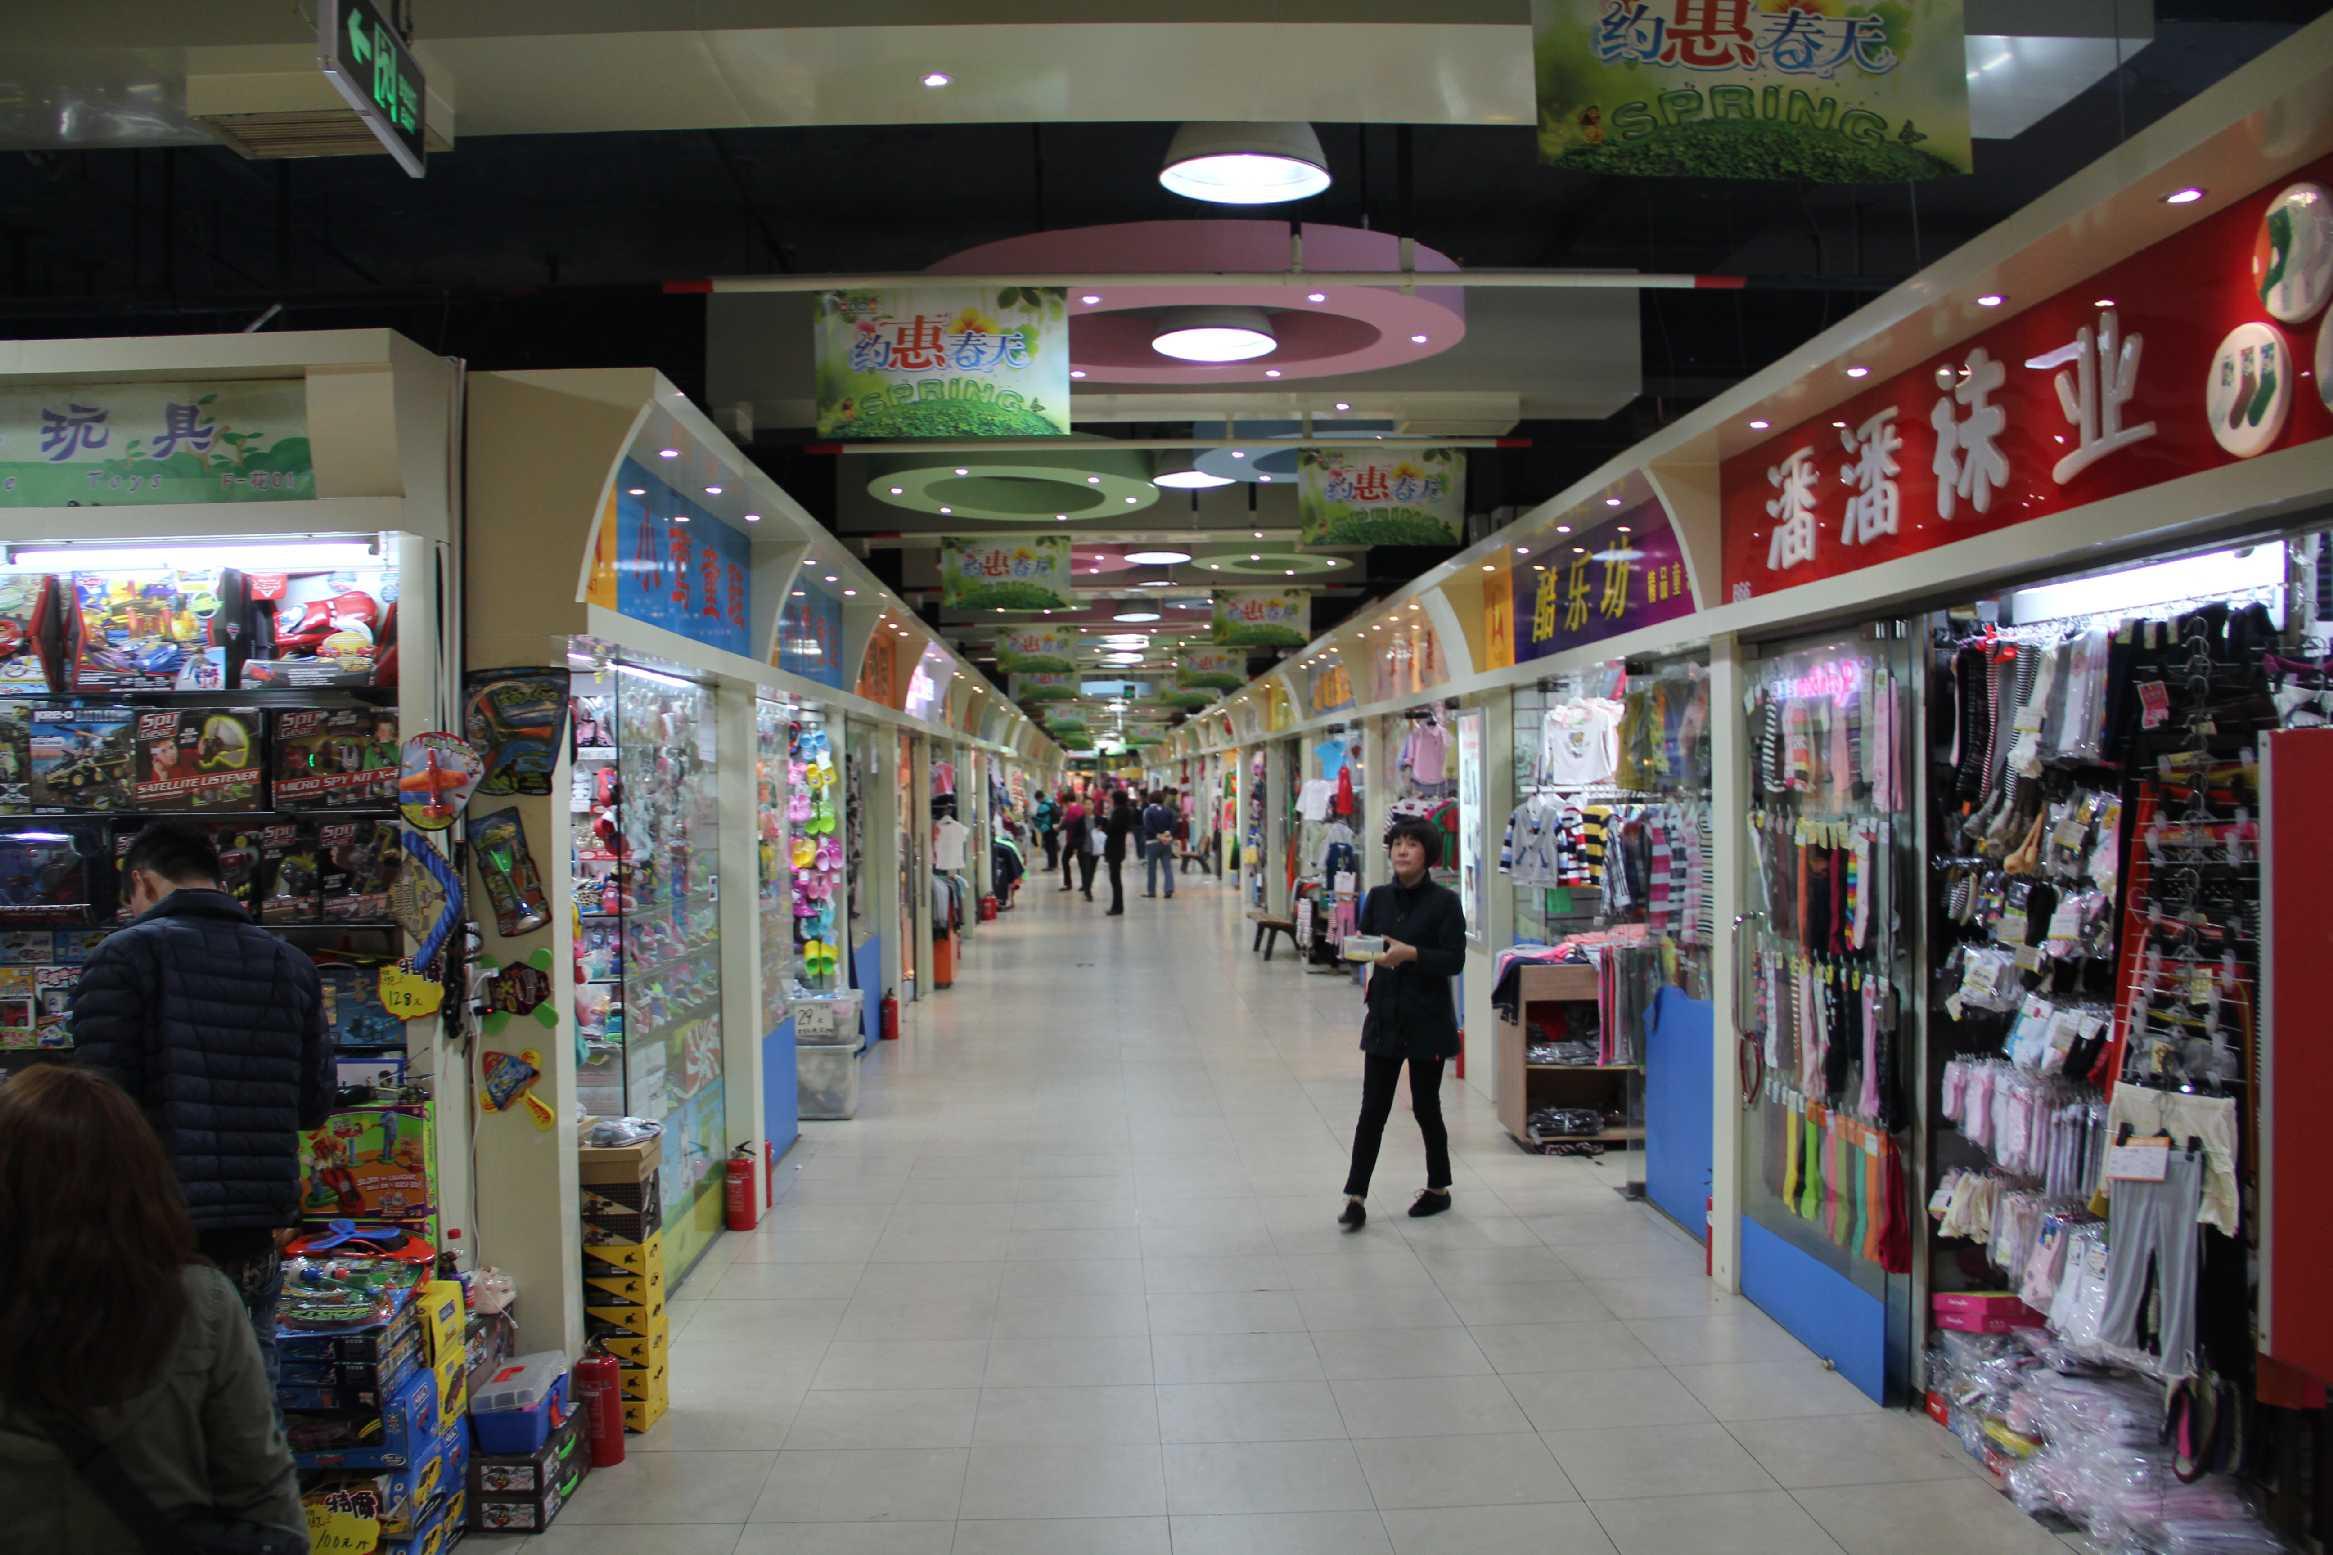 Şanghay'da Çocuk İçin Kıyafet Oyuncak Alışverişi